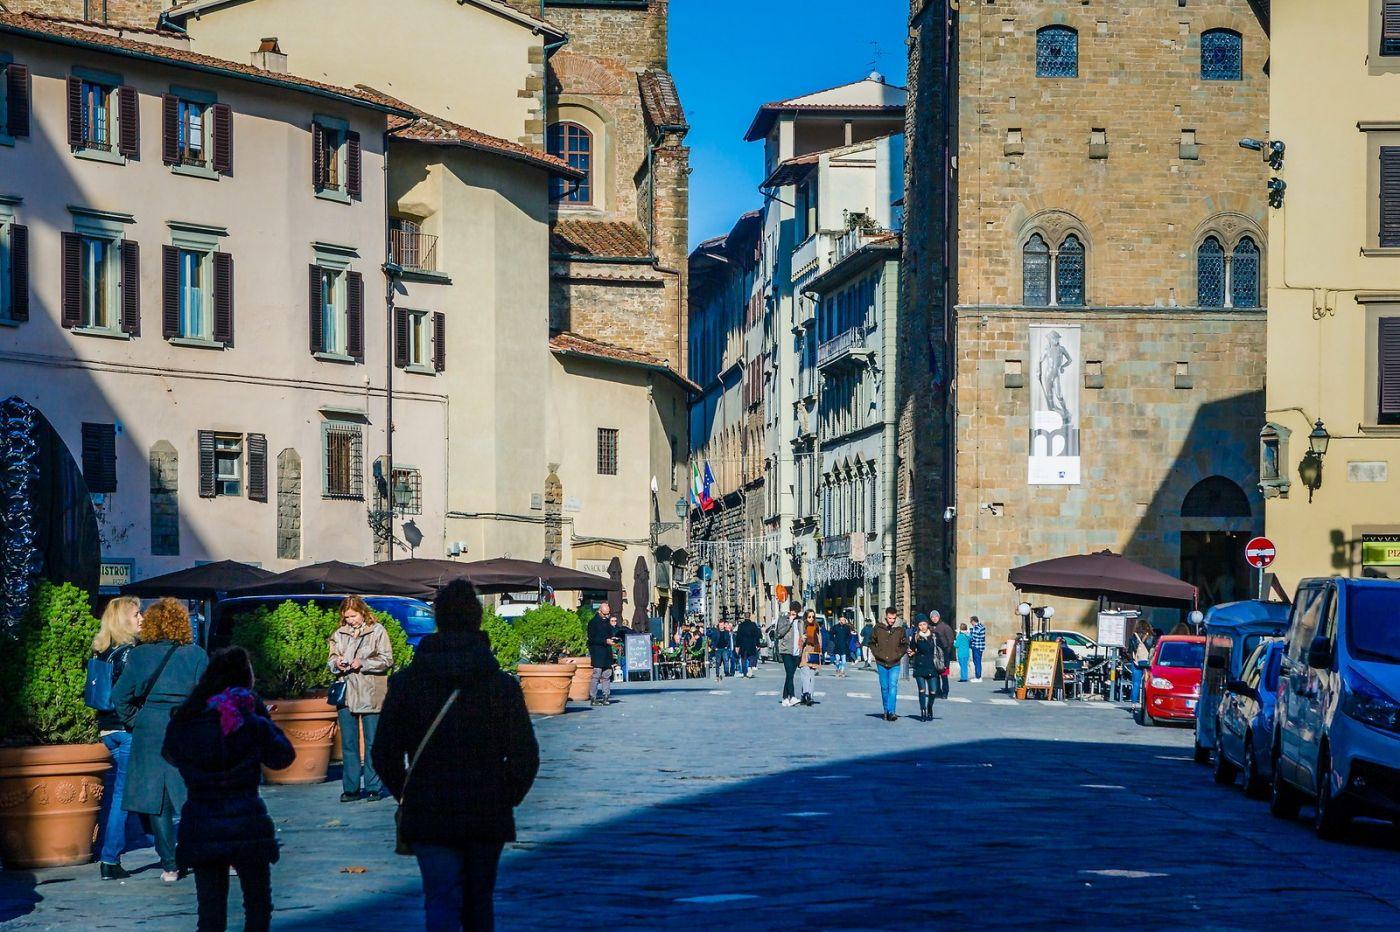 意大利佛罗伦萨(Florence),小街文化_图1-26